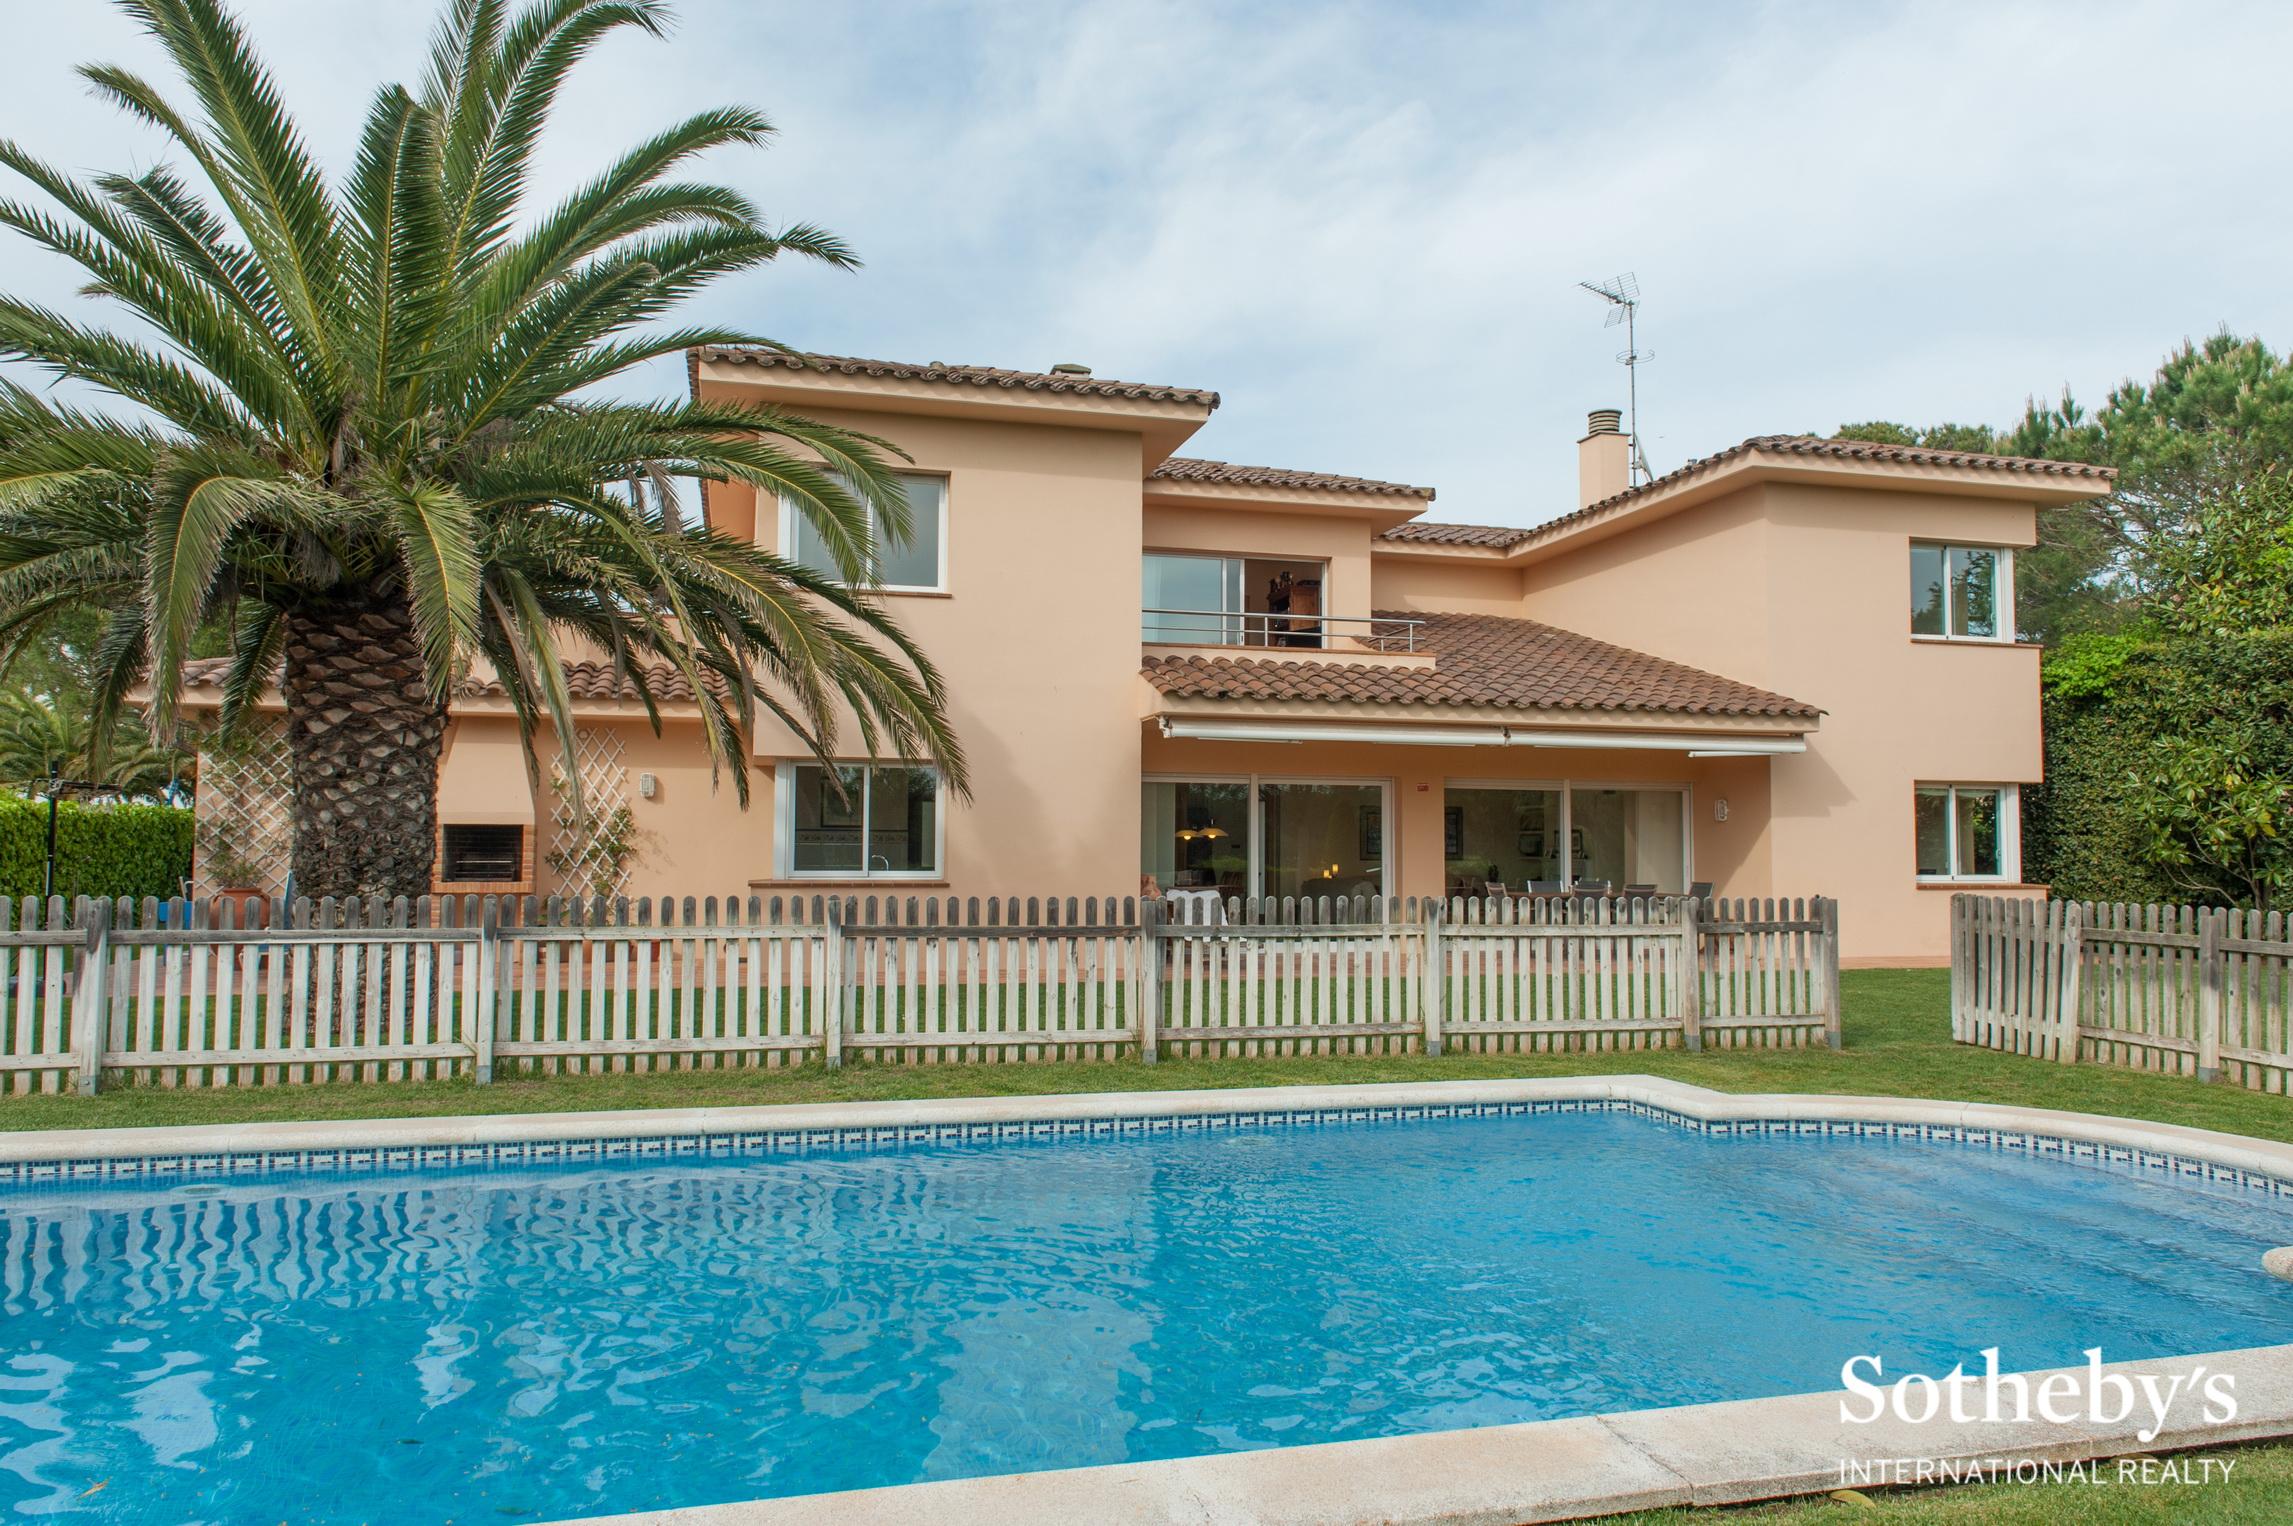 Moradia para Venda às Walking distance to the golf course and beach, a luxury Pals, Costa Brava 17256 Espanha